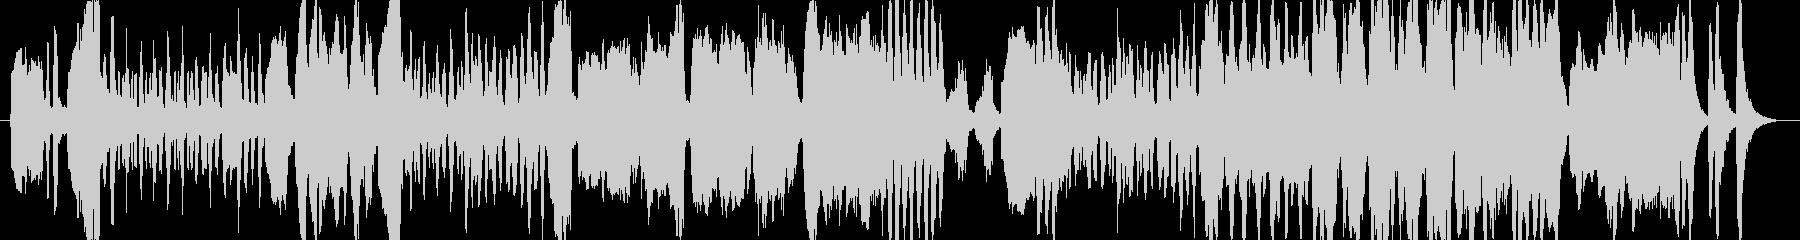 クラリネットがメインの少し可愛らしい曲の未再生の波形